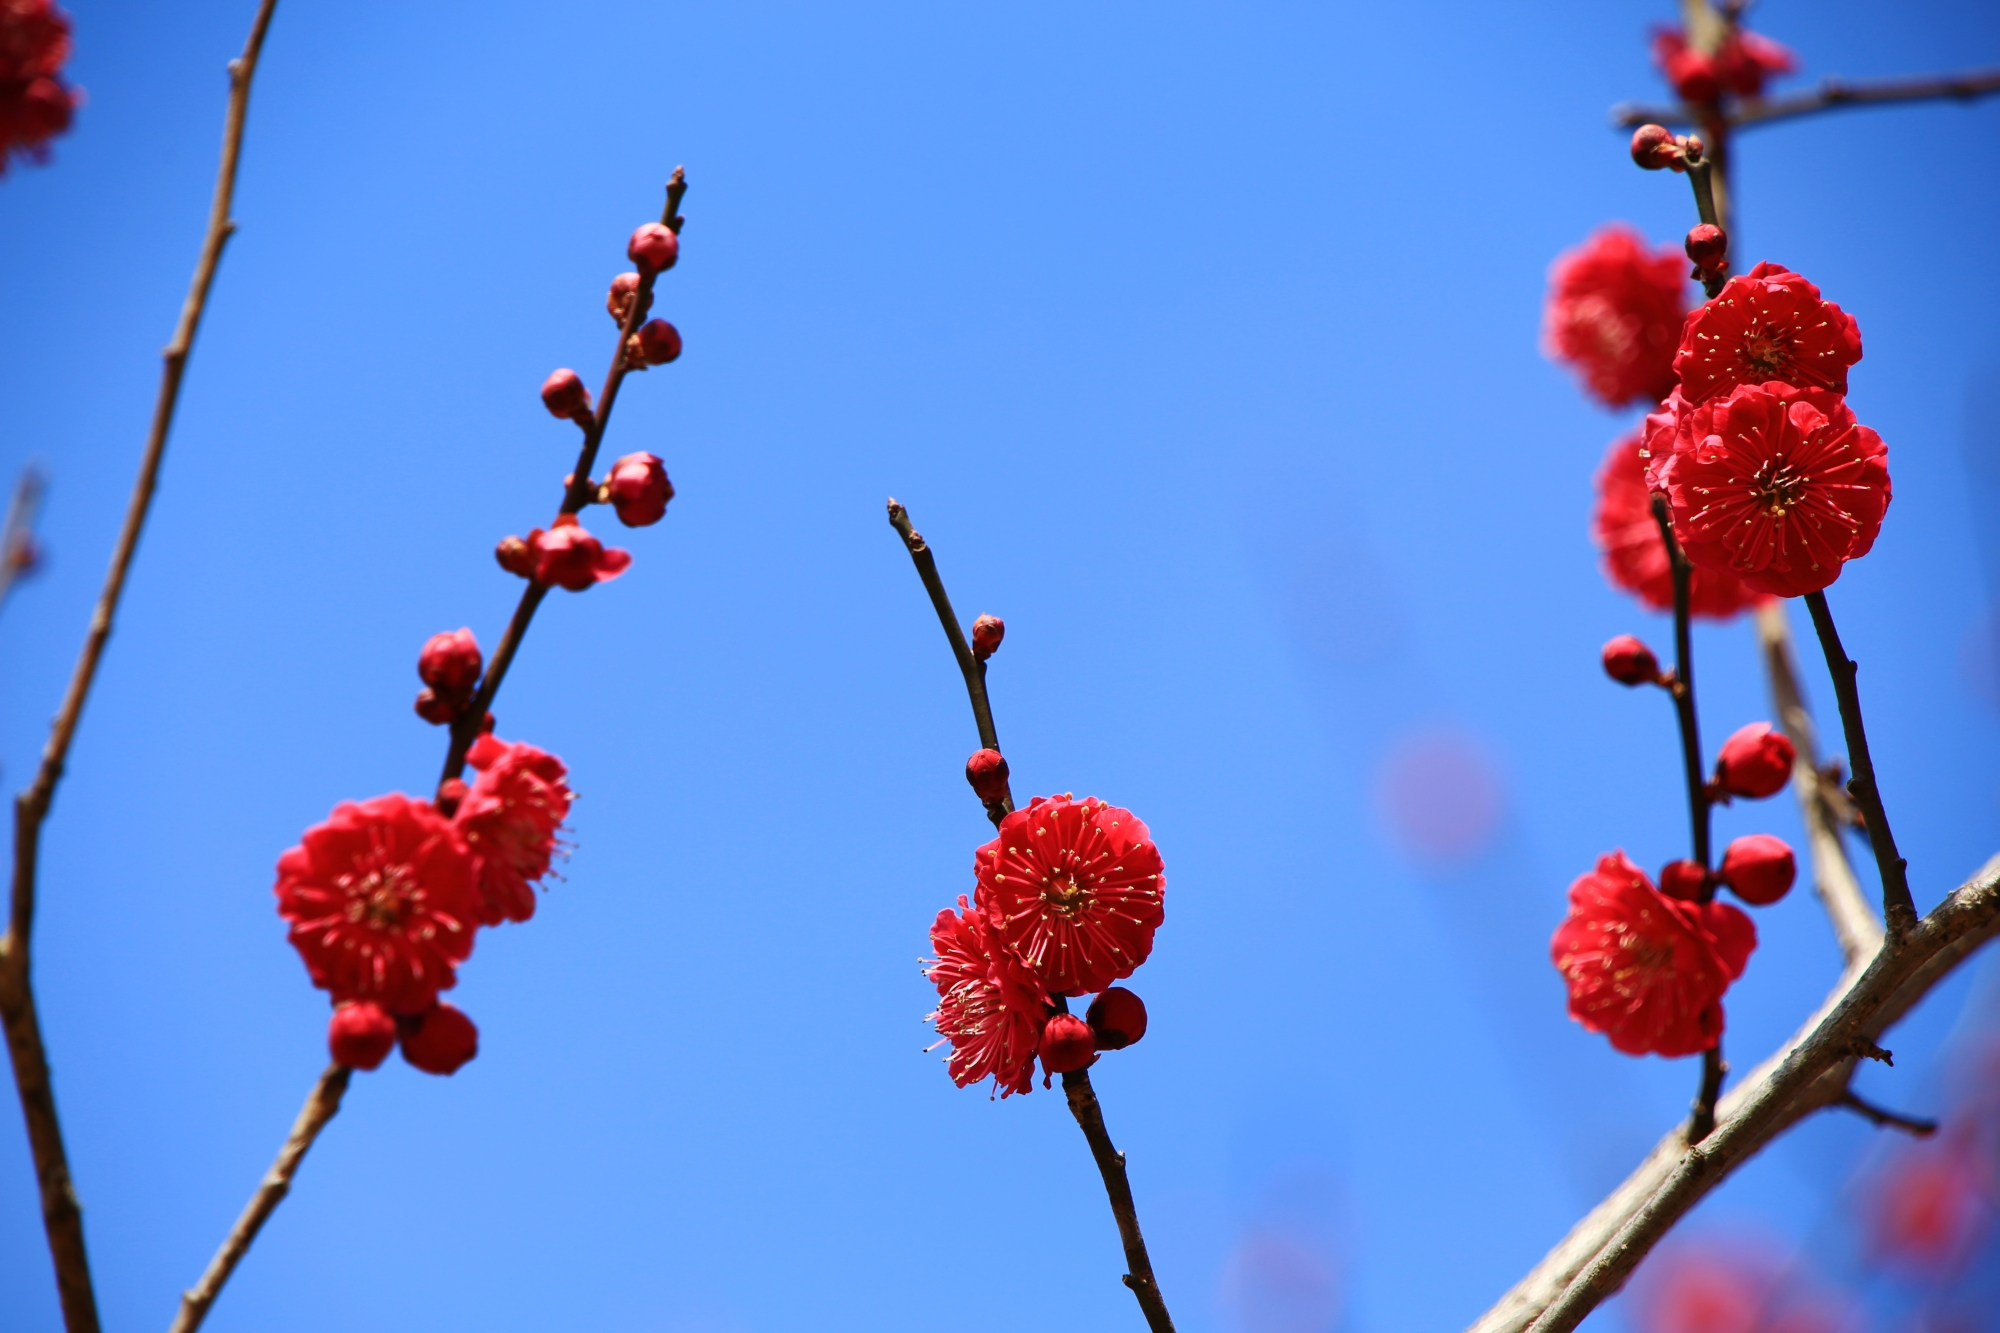 鮮烈な色合いの梅の花